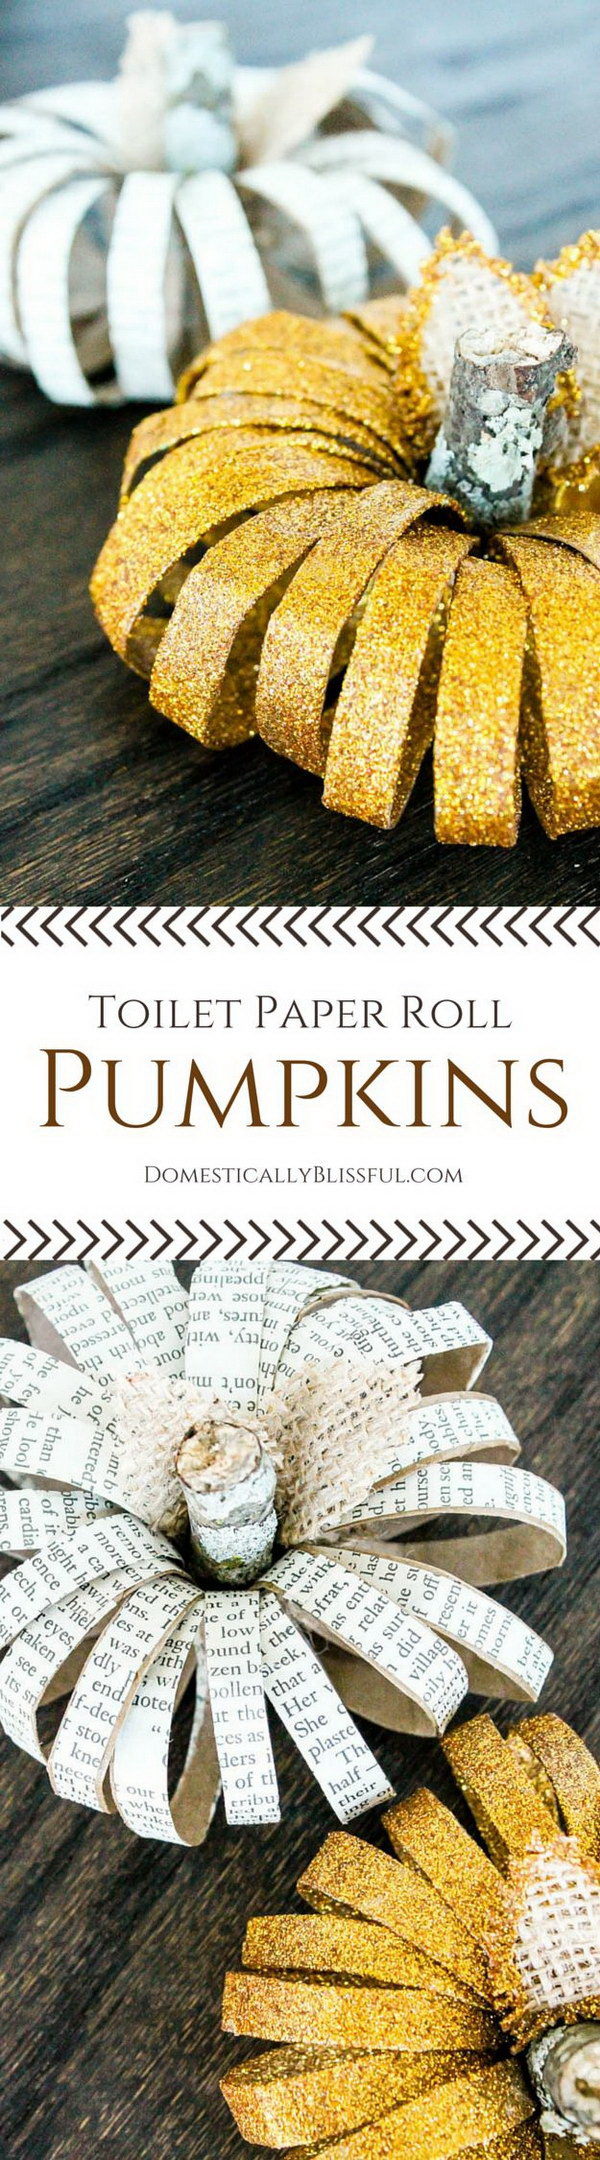 DIY Toilet Paper Roll Pumpkins. Make unique pumpkins with toilet paper rolls.